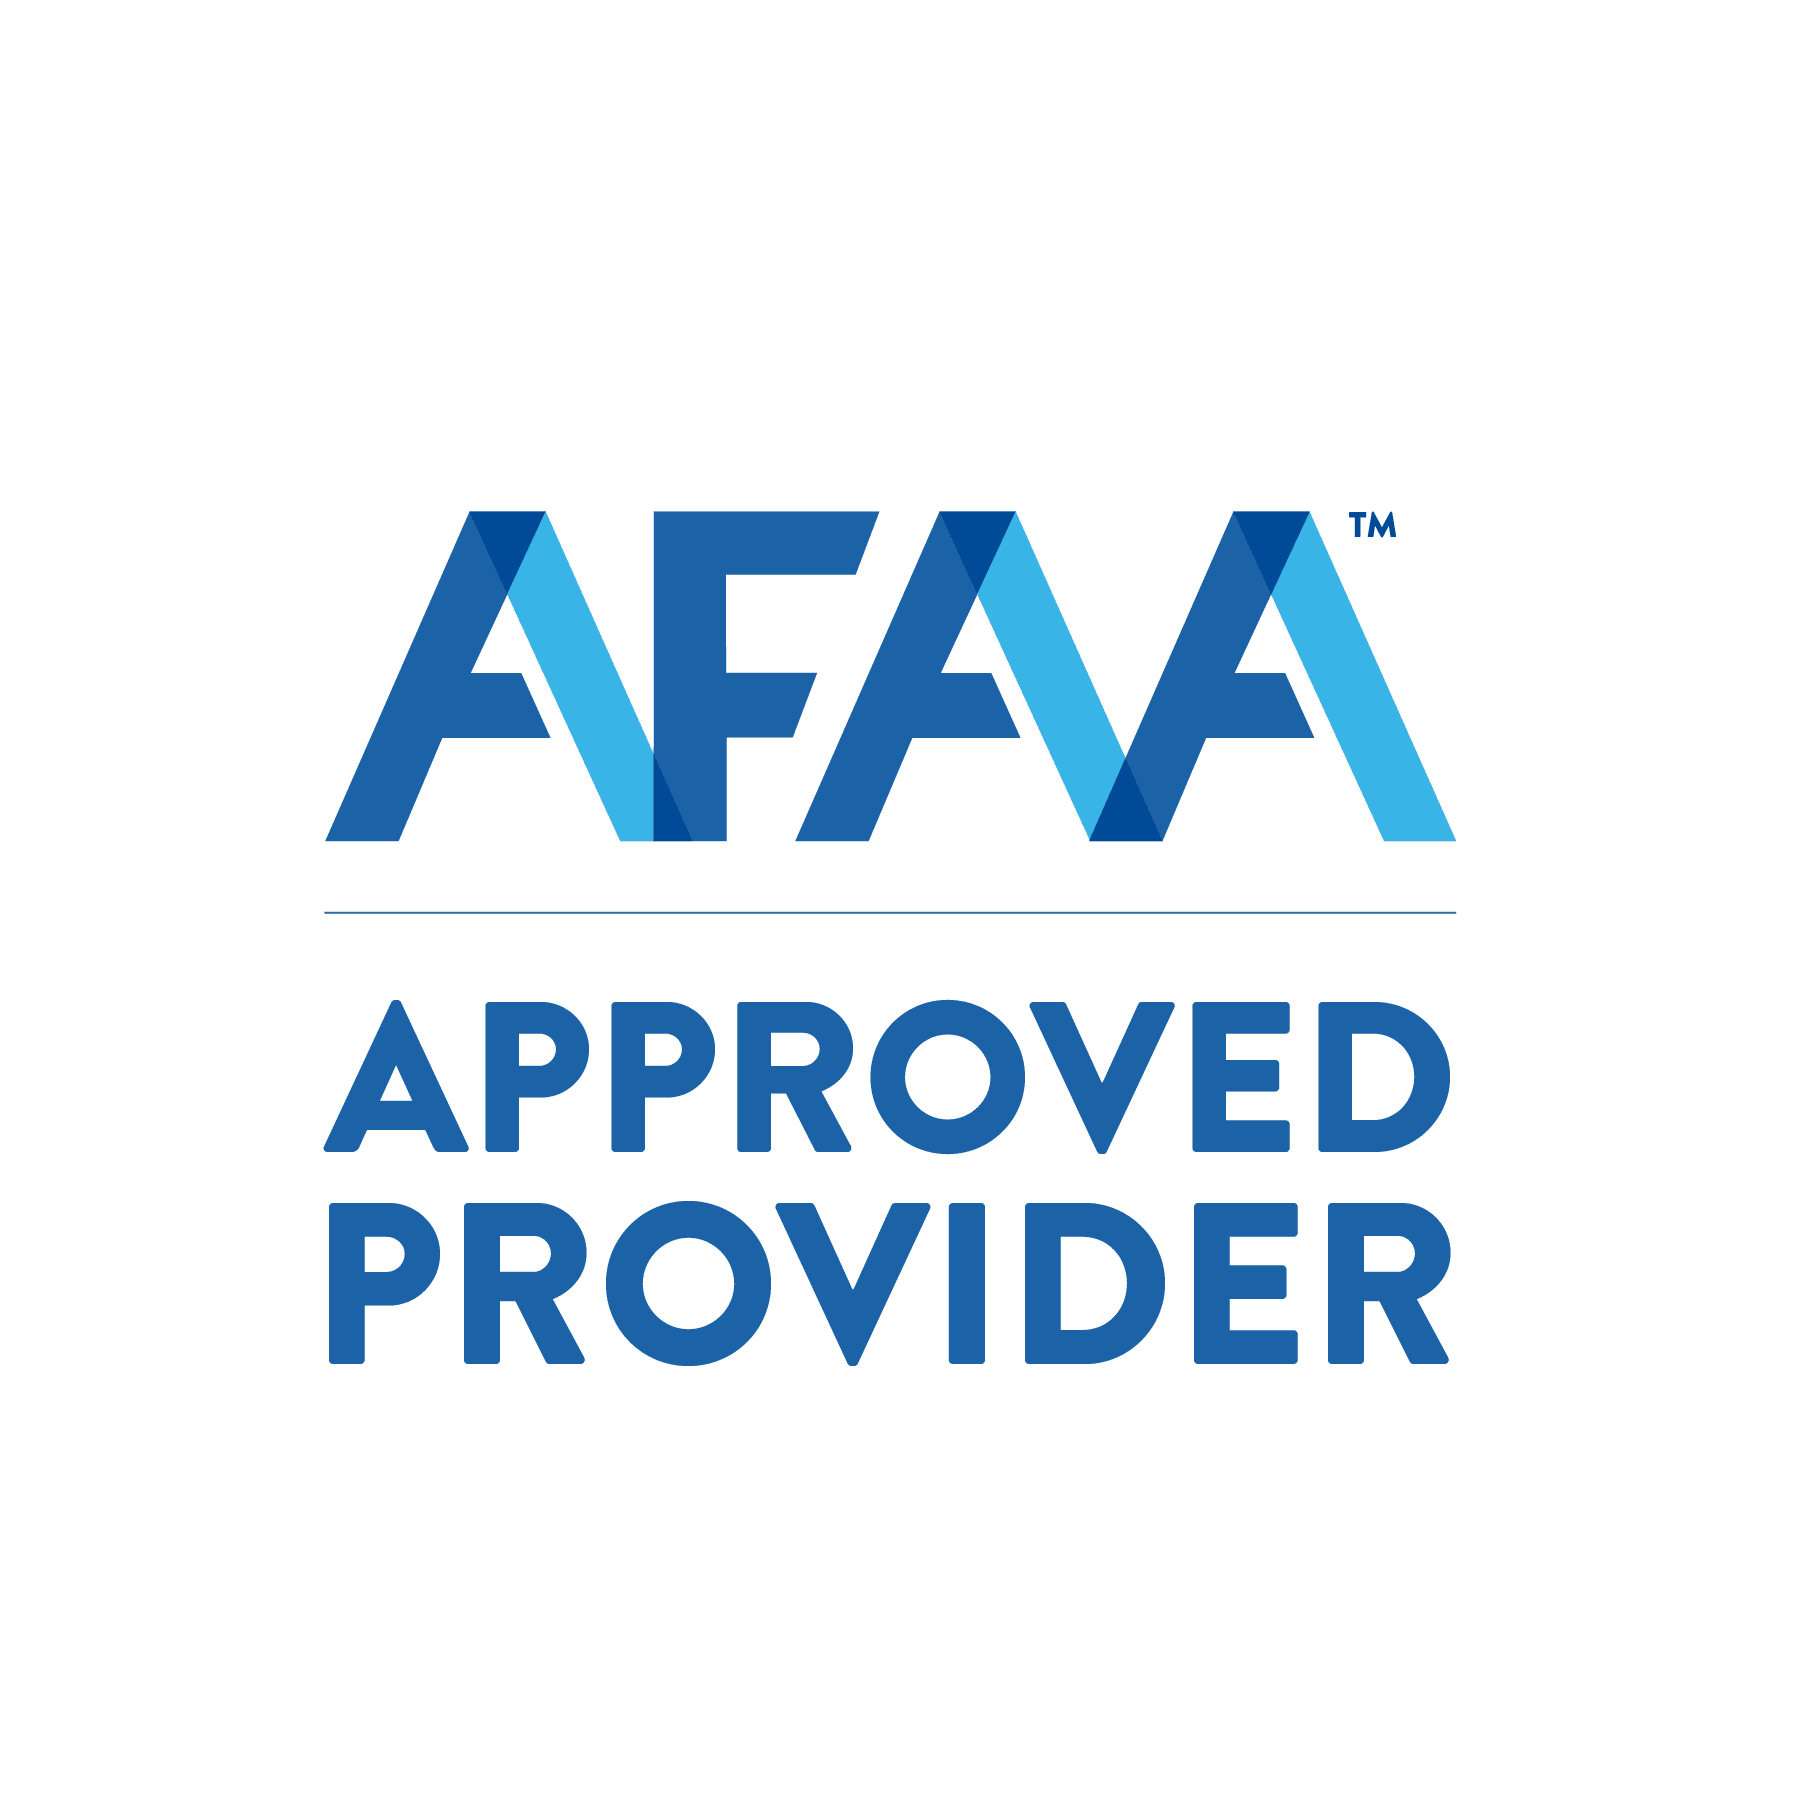 AFAA Provider